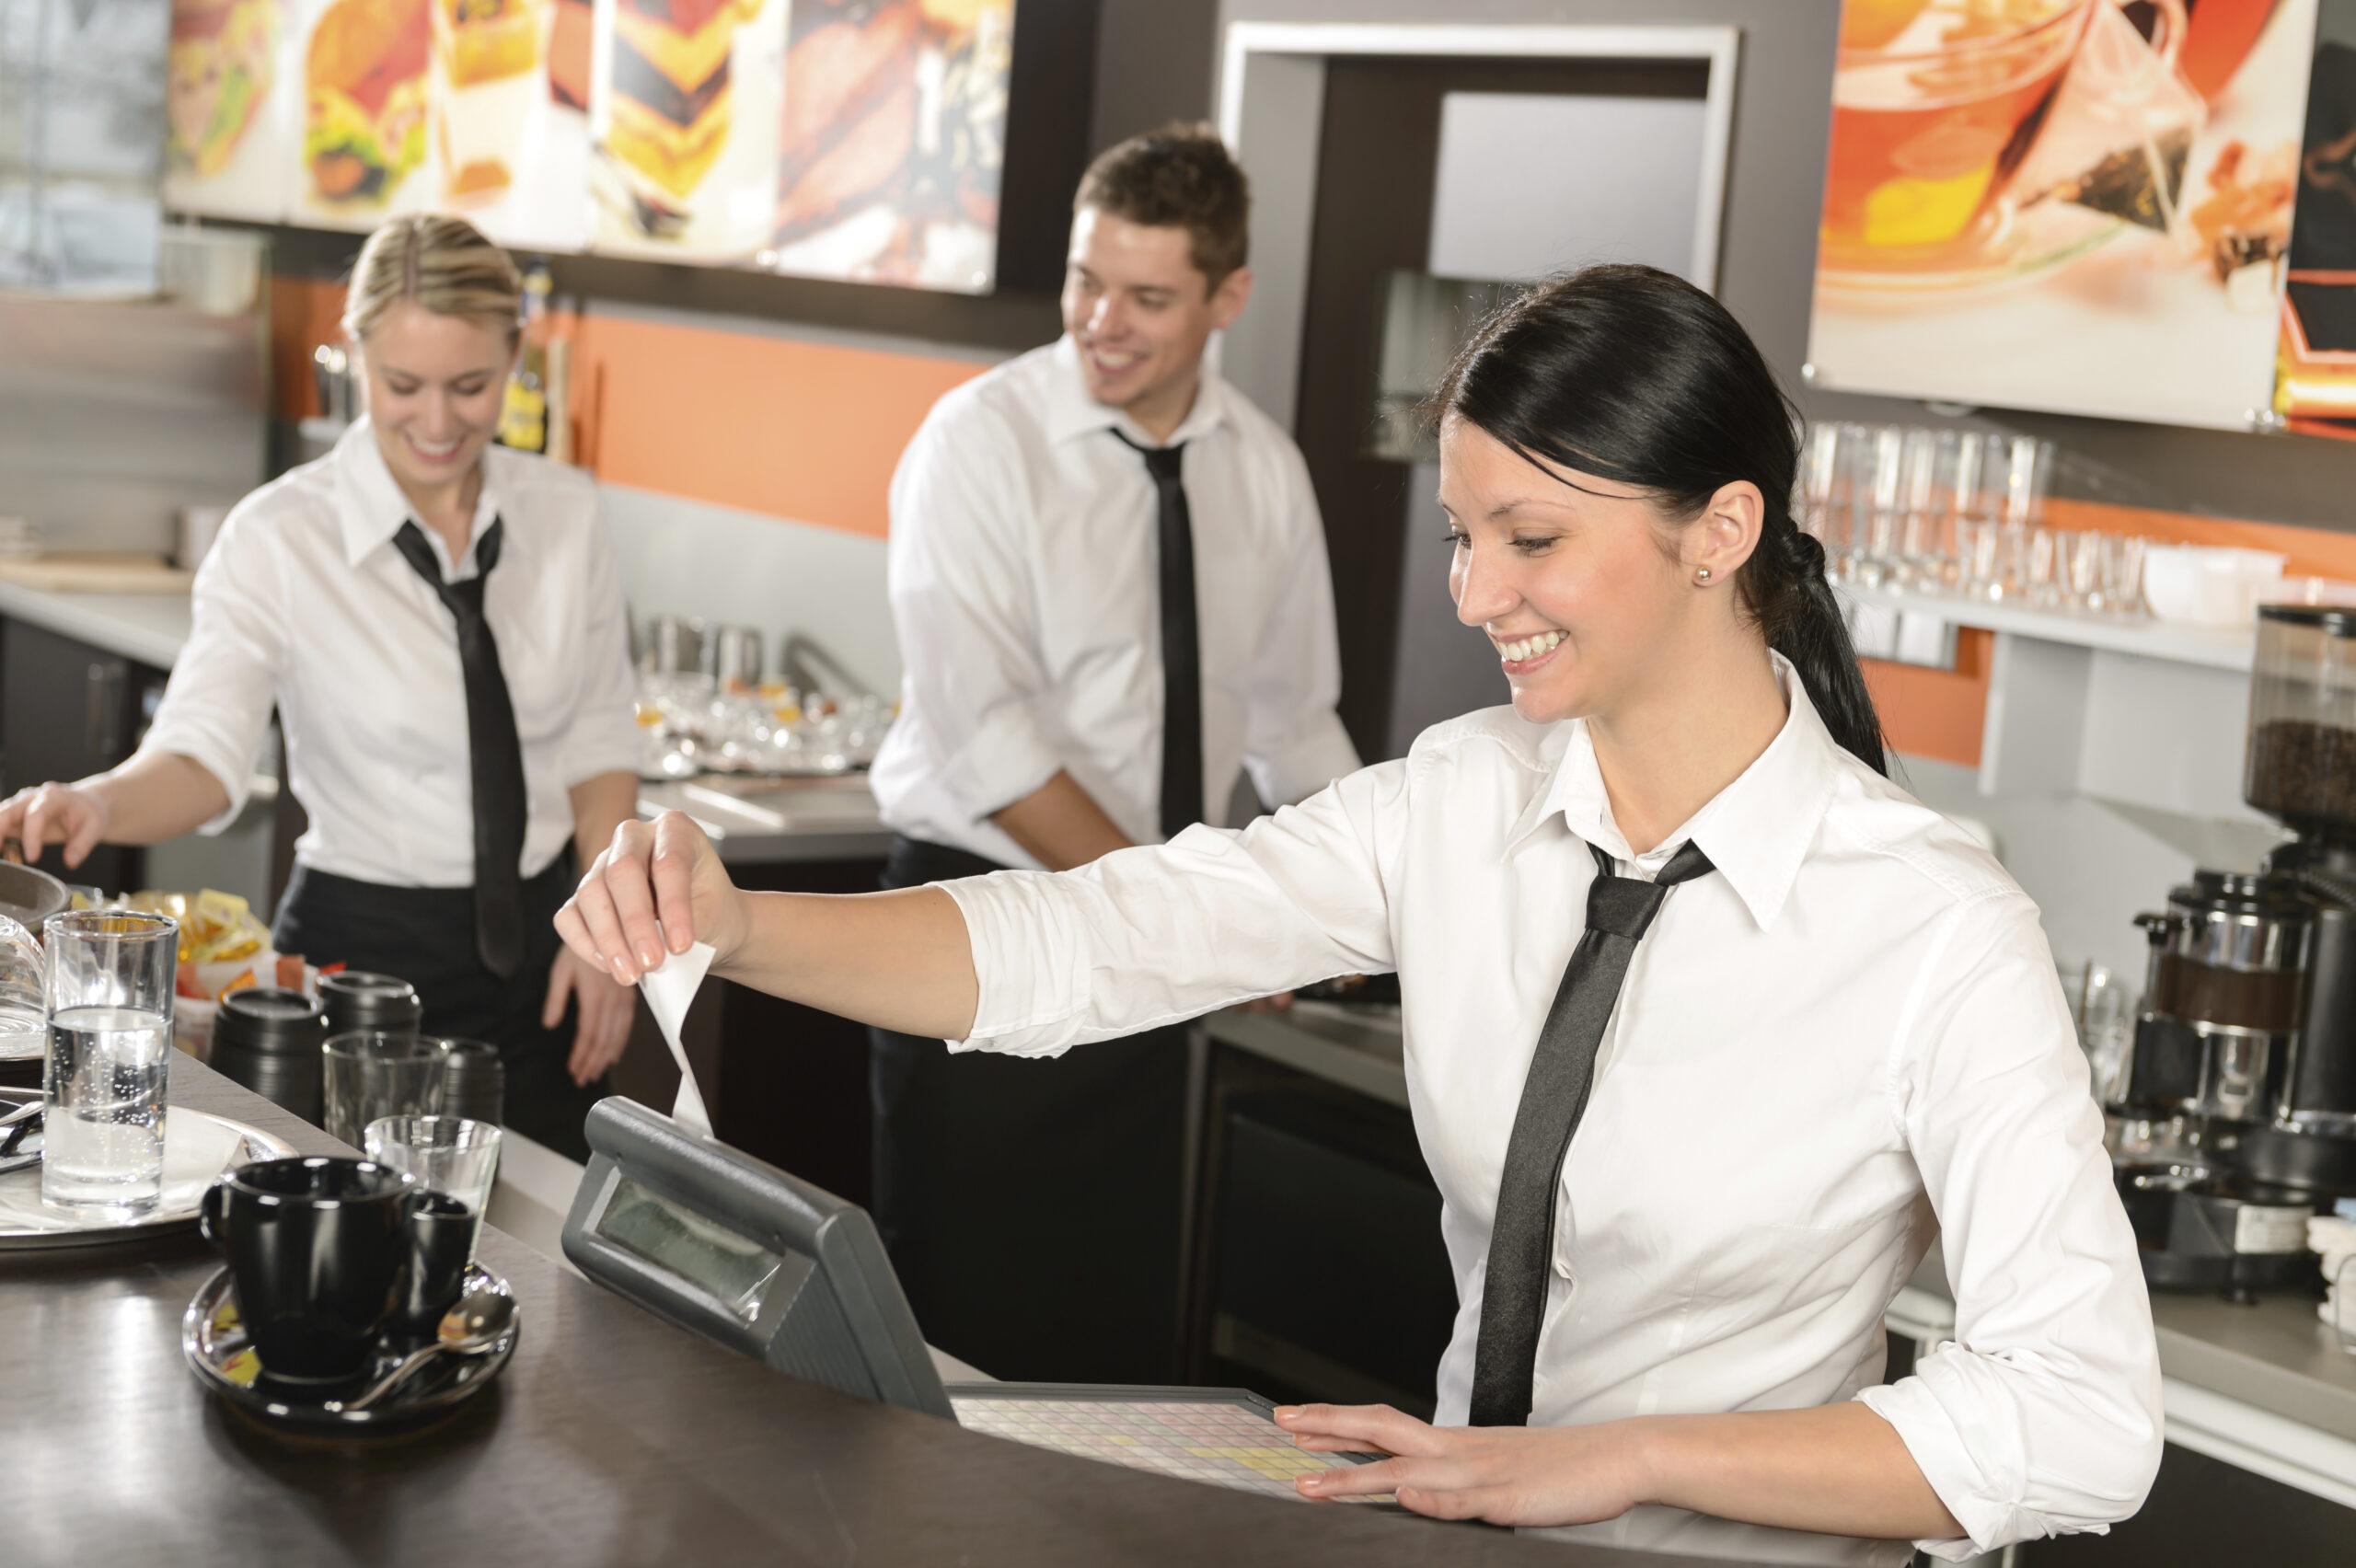 La hostelería de Madrid facturó en 2020 la mitad que el año anterior - La Viña